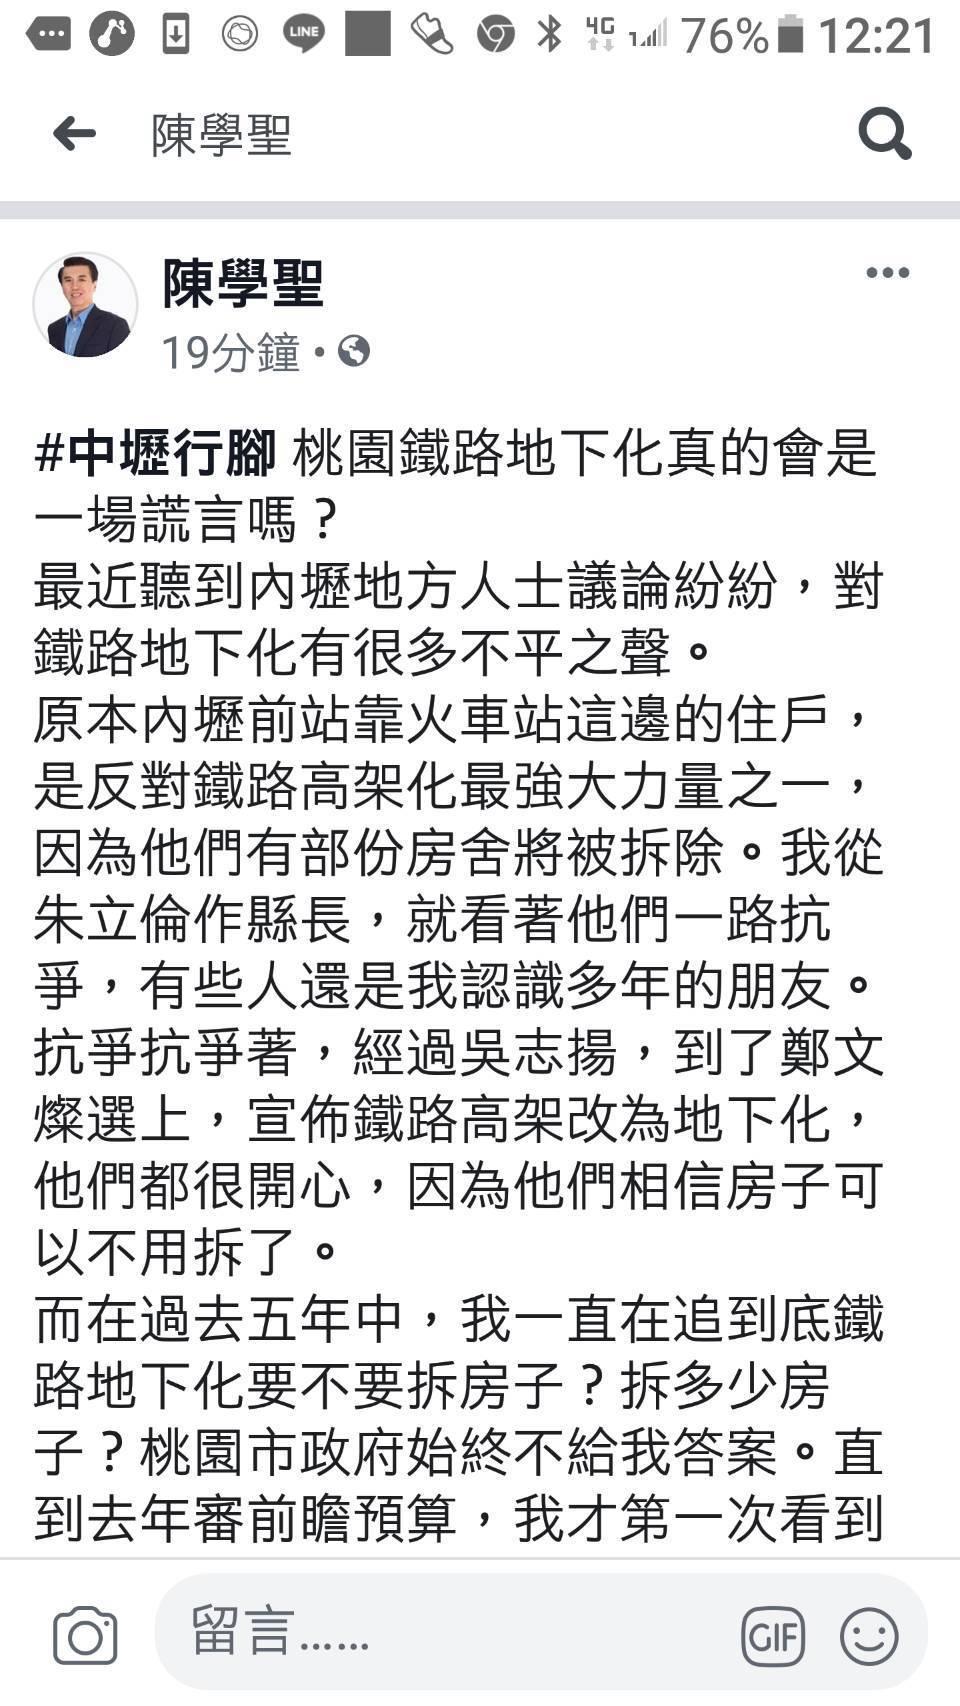 陳學聖在臉書指出鐵路高架要拆的建築比地下化少,遭市府反駁。圖/取自陳學聖臉書